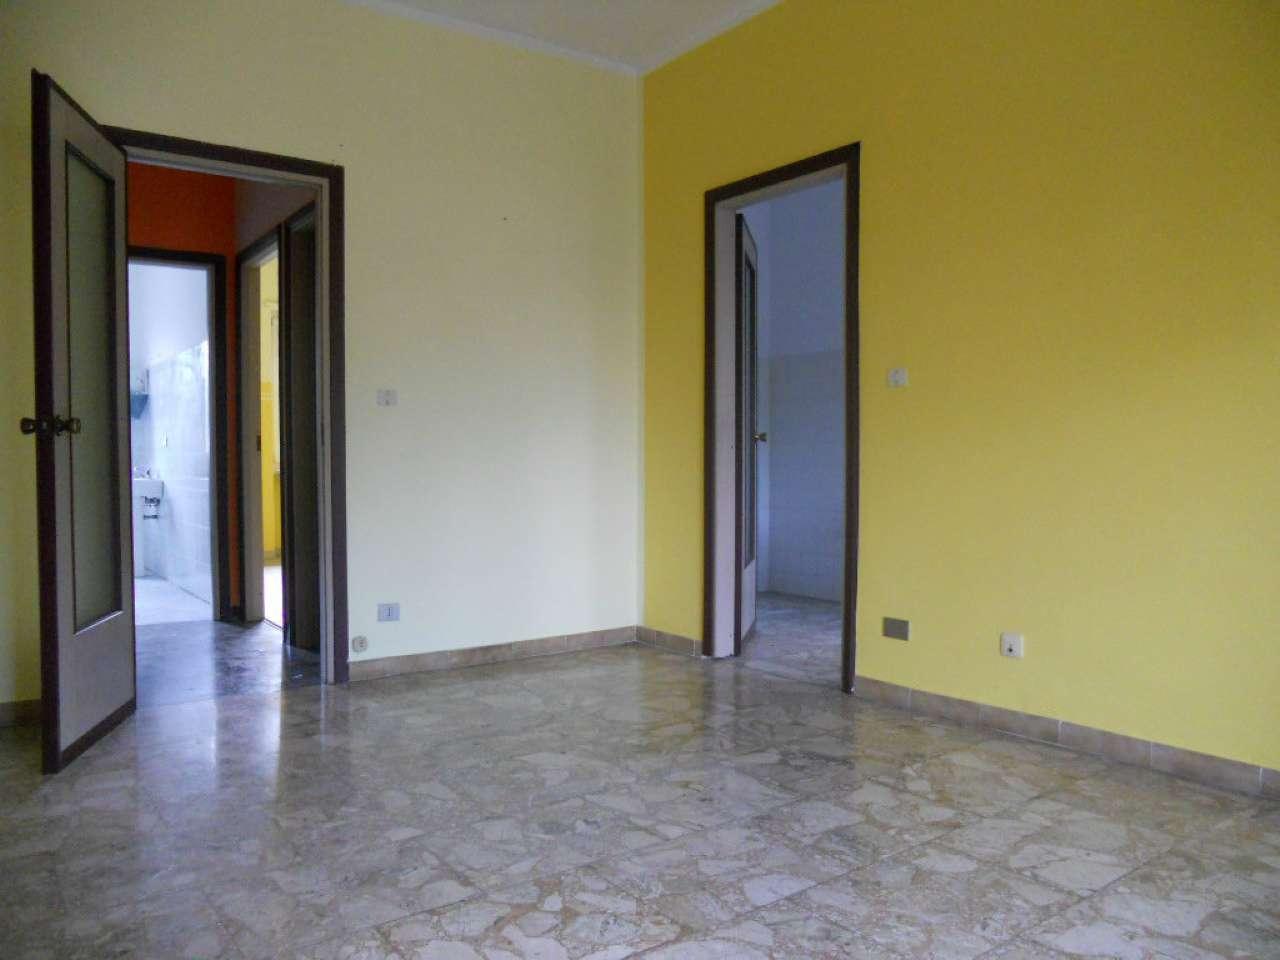 Ufficio / Studio in affitto a Savigliano, 4 locali, prezzo € 420 | CambioCasa.it